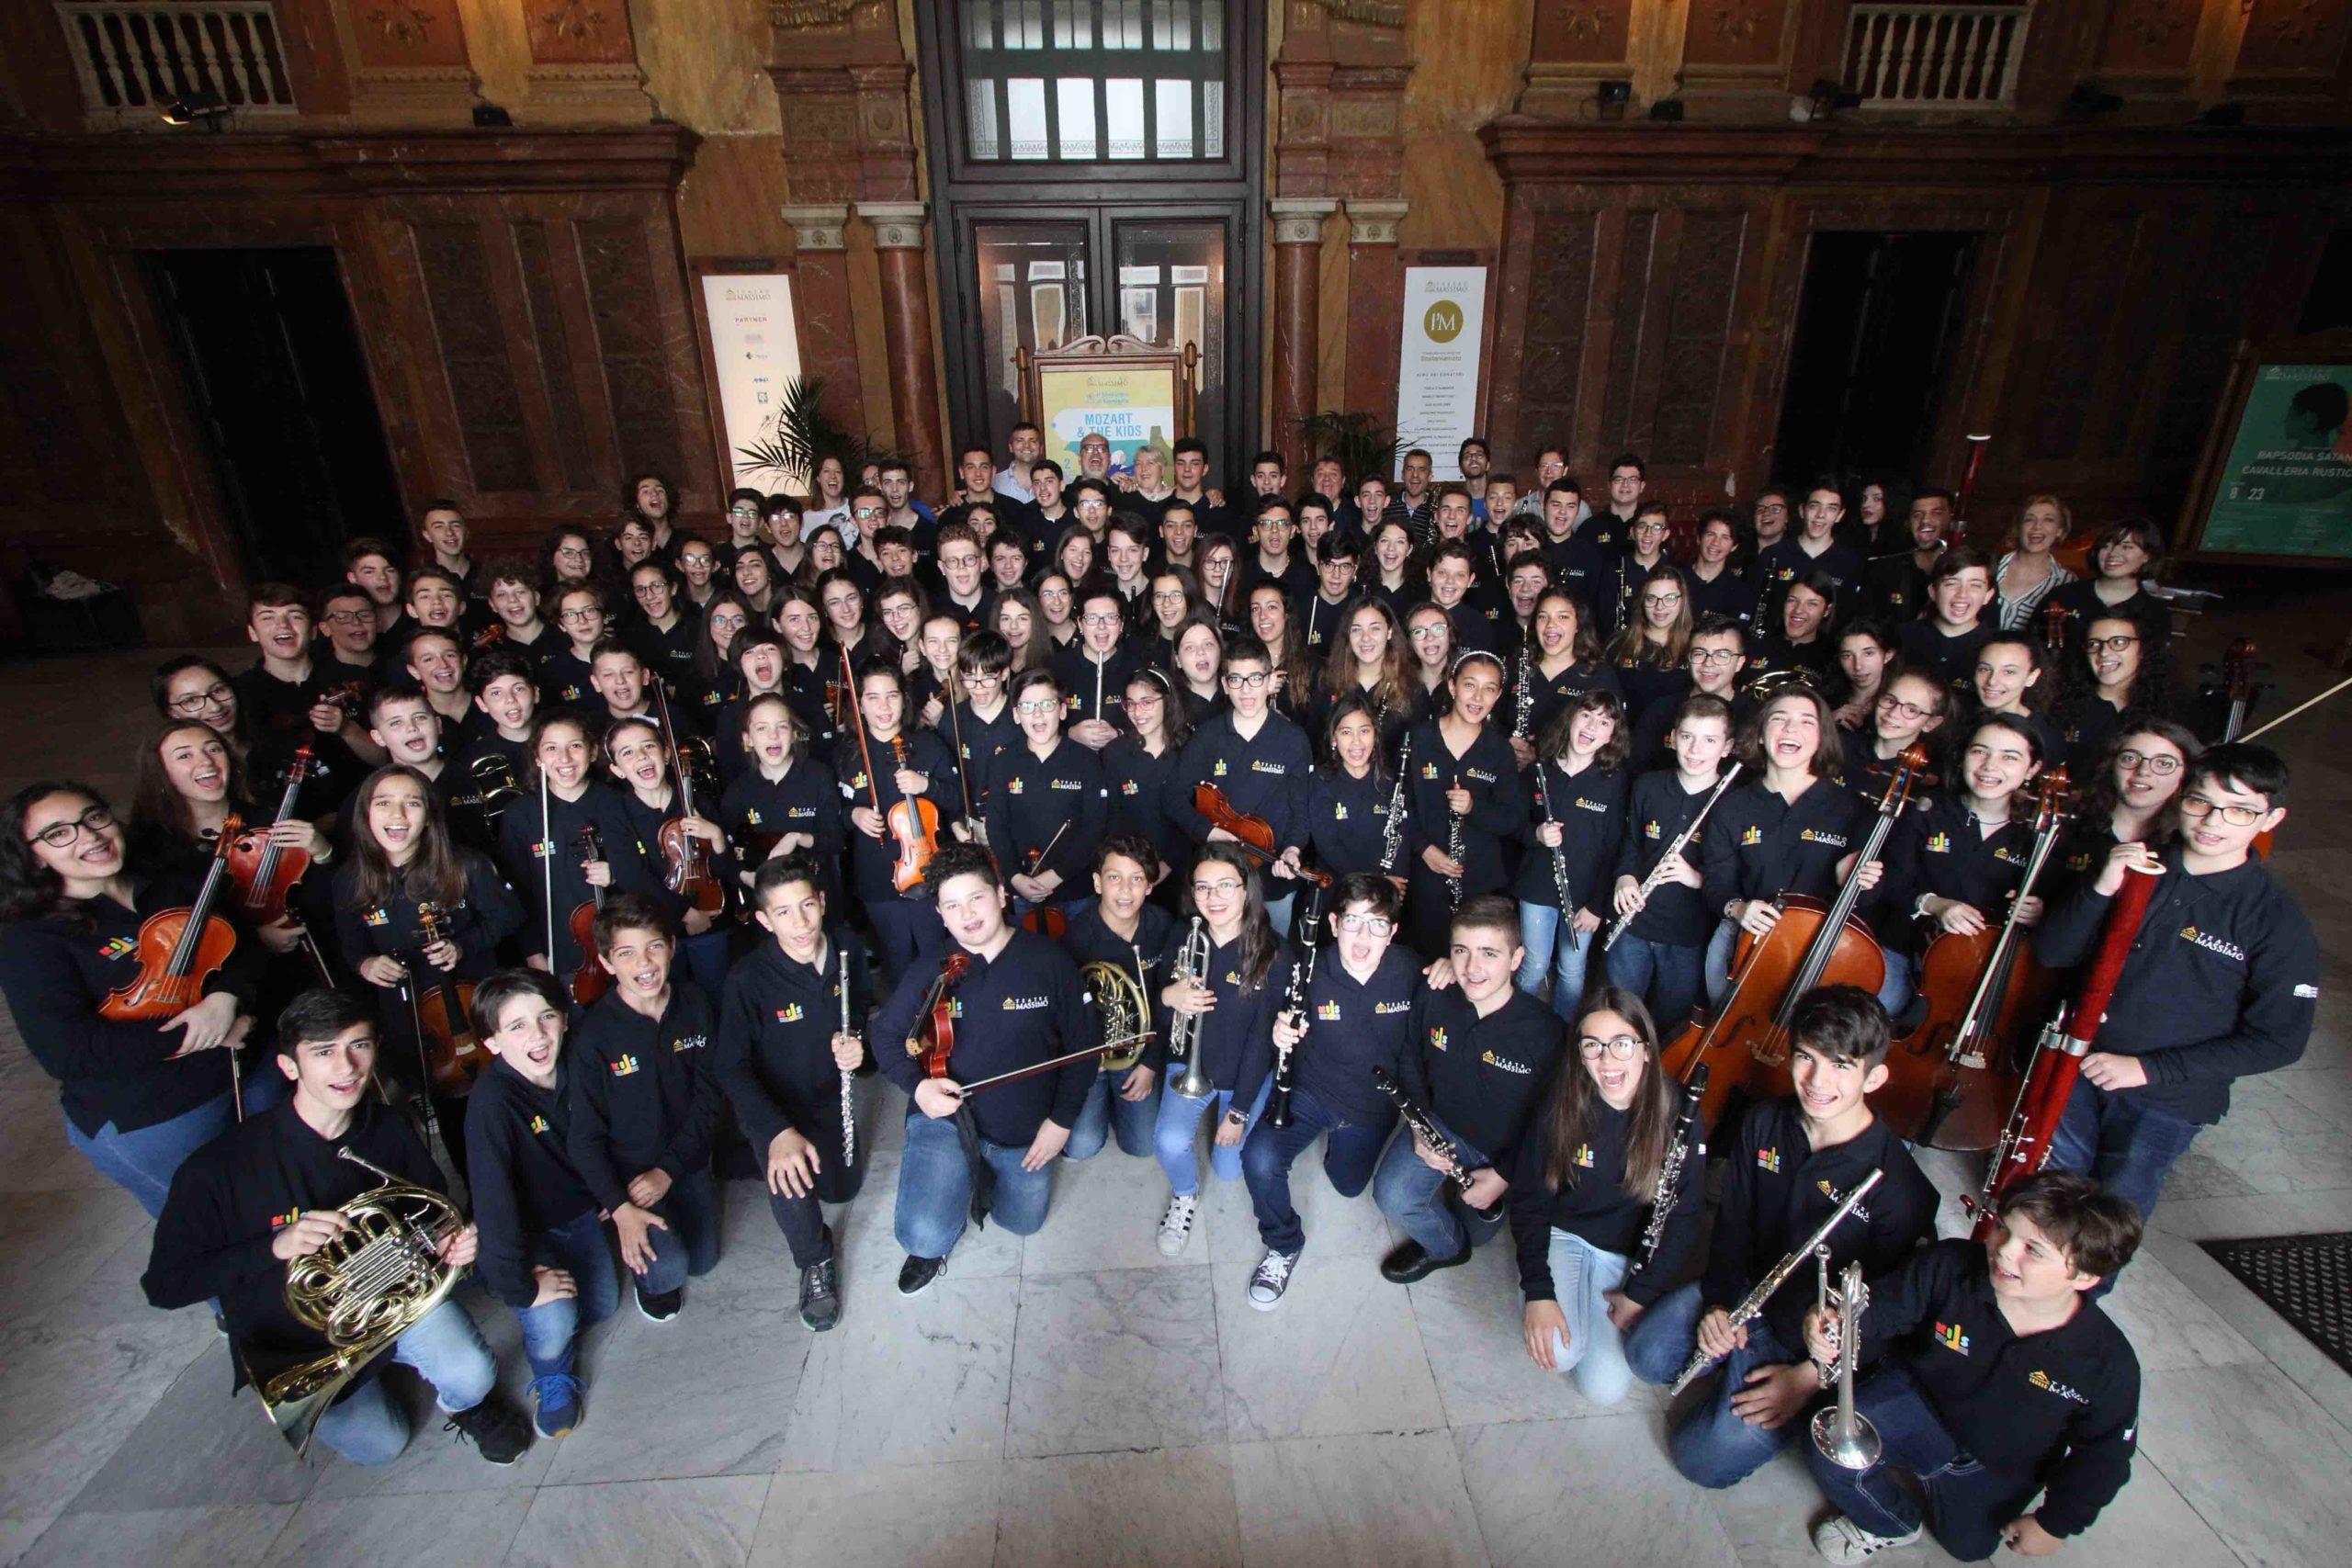 Fondazione Teatro Massimo Palermo, aperte le selezioni per la Massimo Kids e la Massimo Youth Orchestra